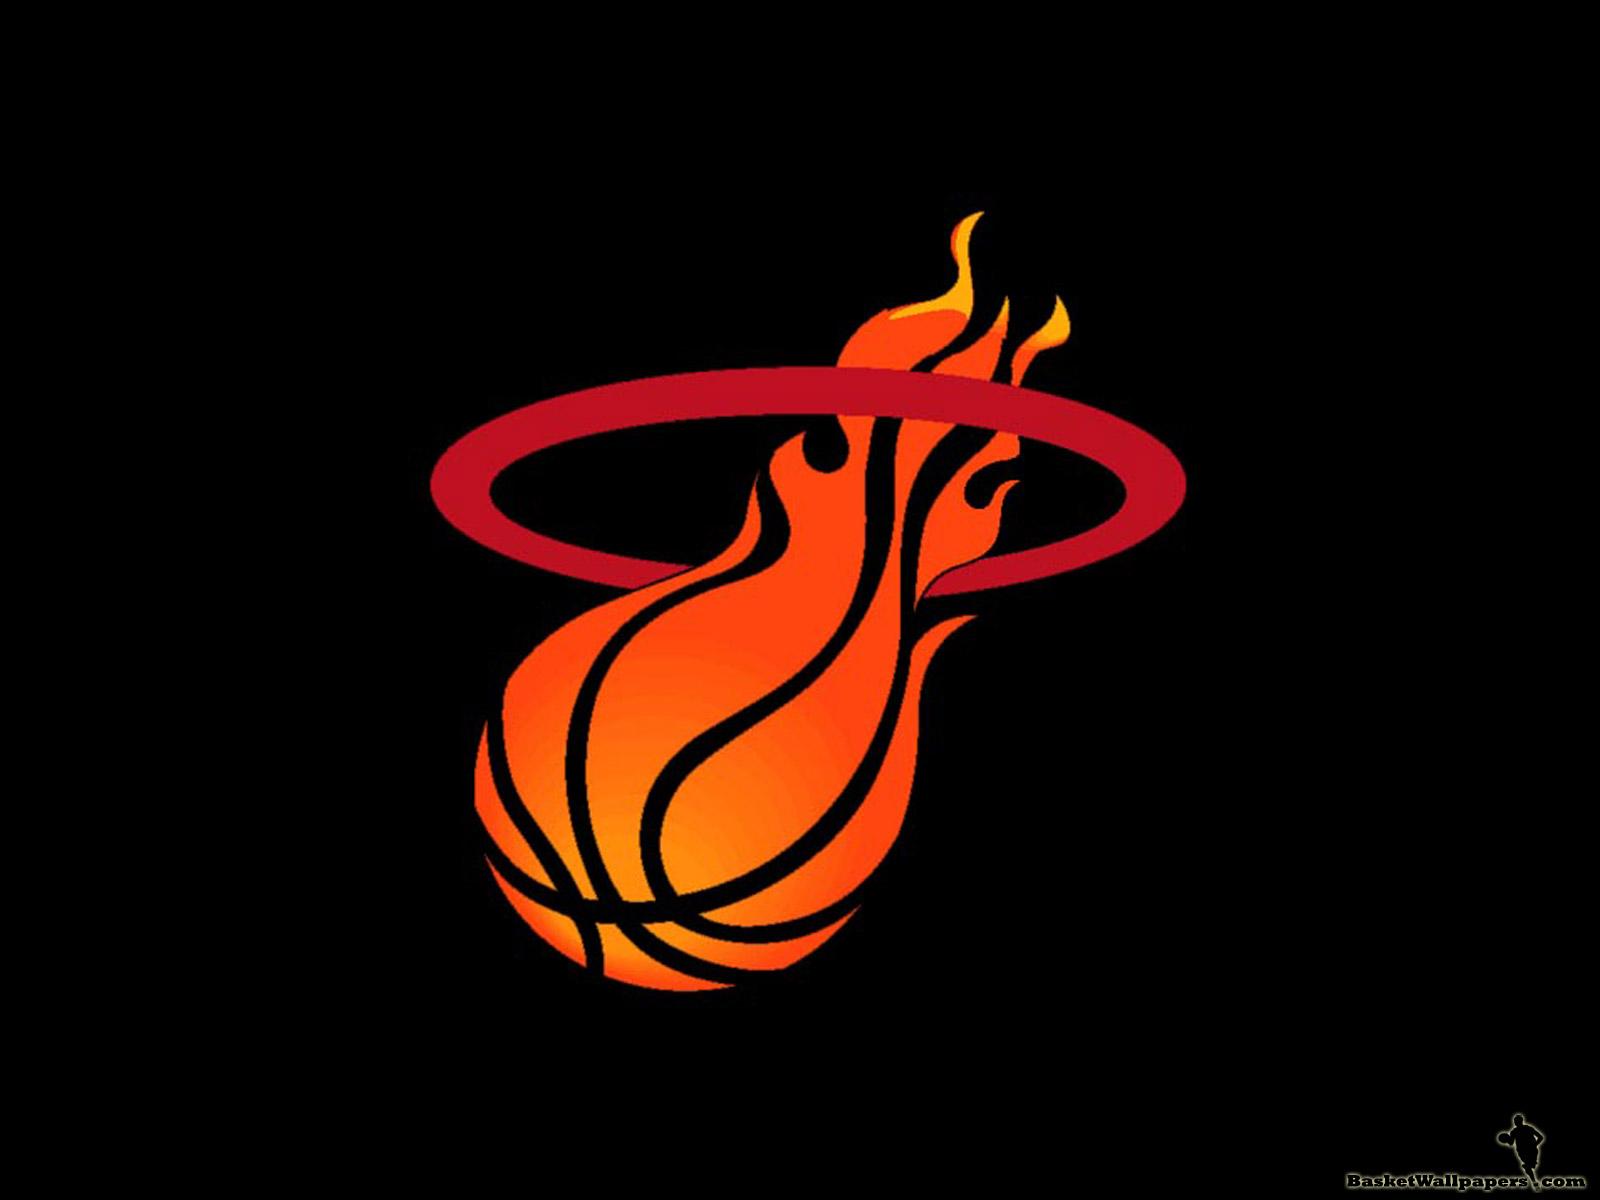 http://1.bp.blogspot.com/-U80uClbga_Y/Tbs8uOxCw1I/AAAAAAAAAAk/FDTIiKH3dbY/s1600/Miami-Heat-Logo-Wallpaper.jpg